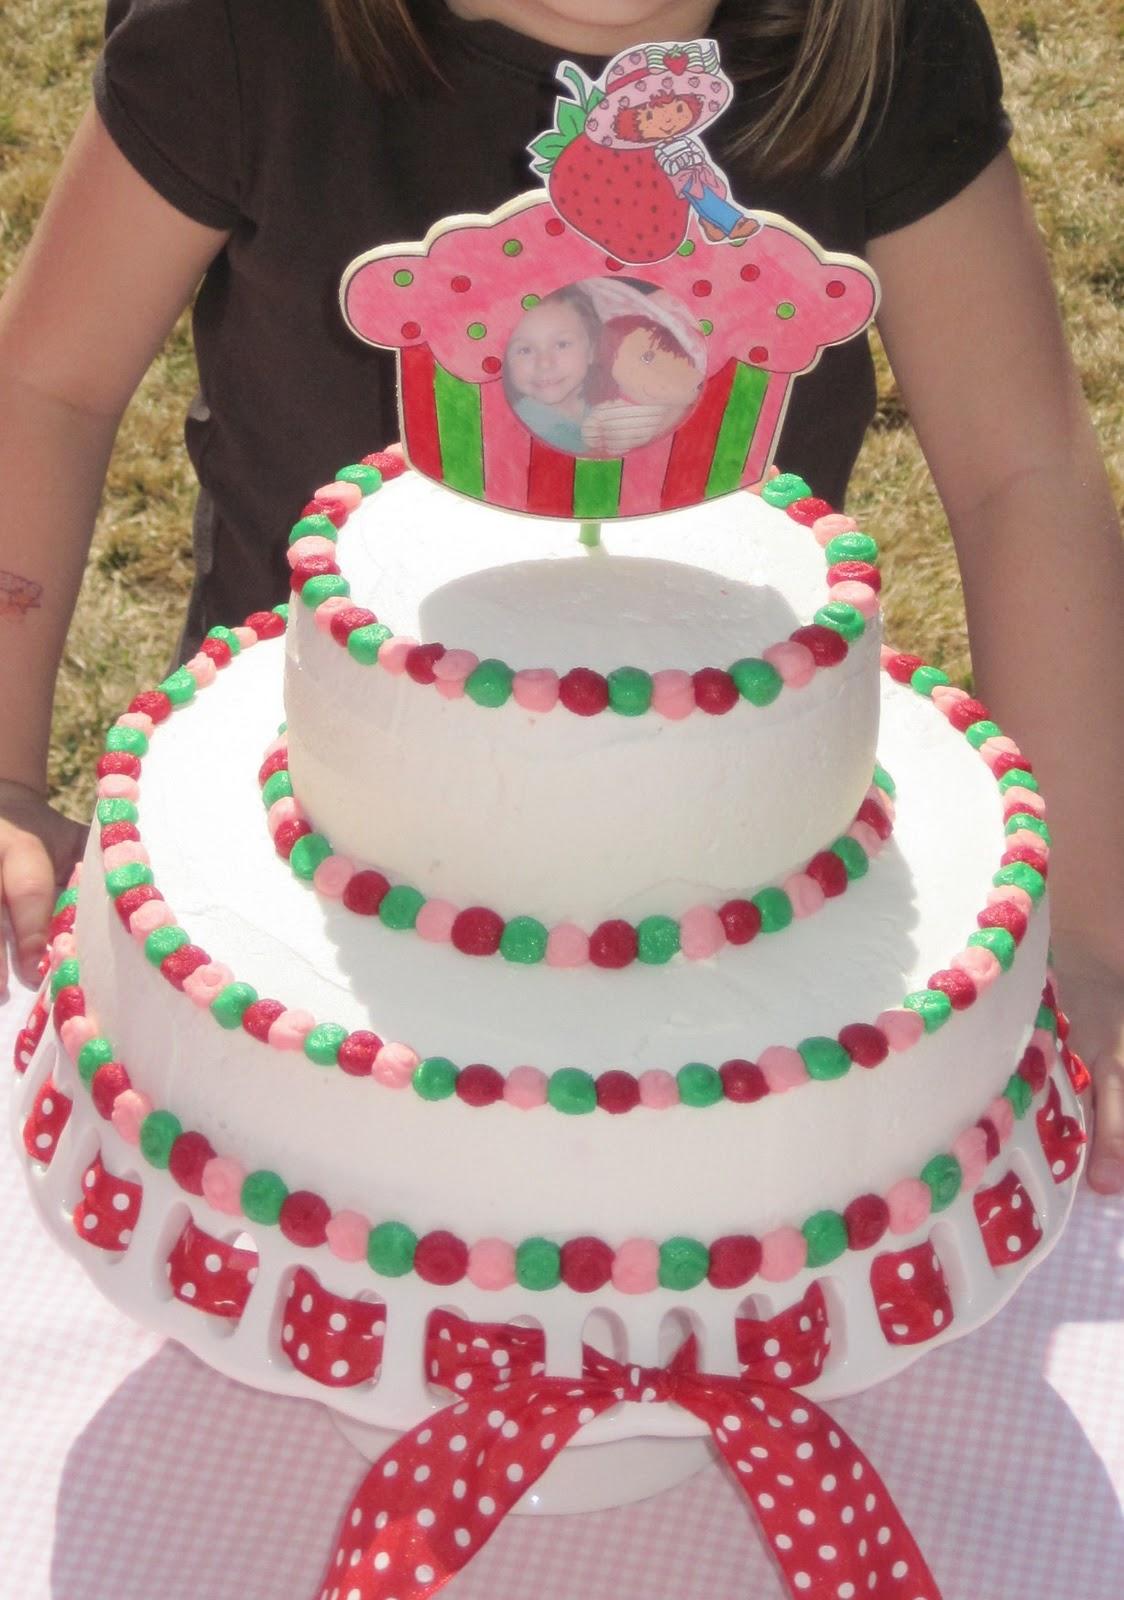 cutie pie parties  children u0026 39 s birthday cakes